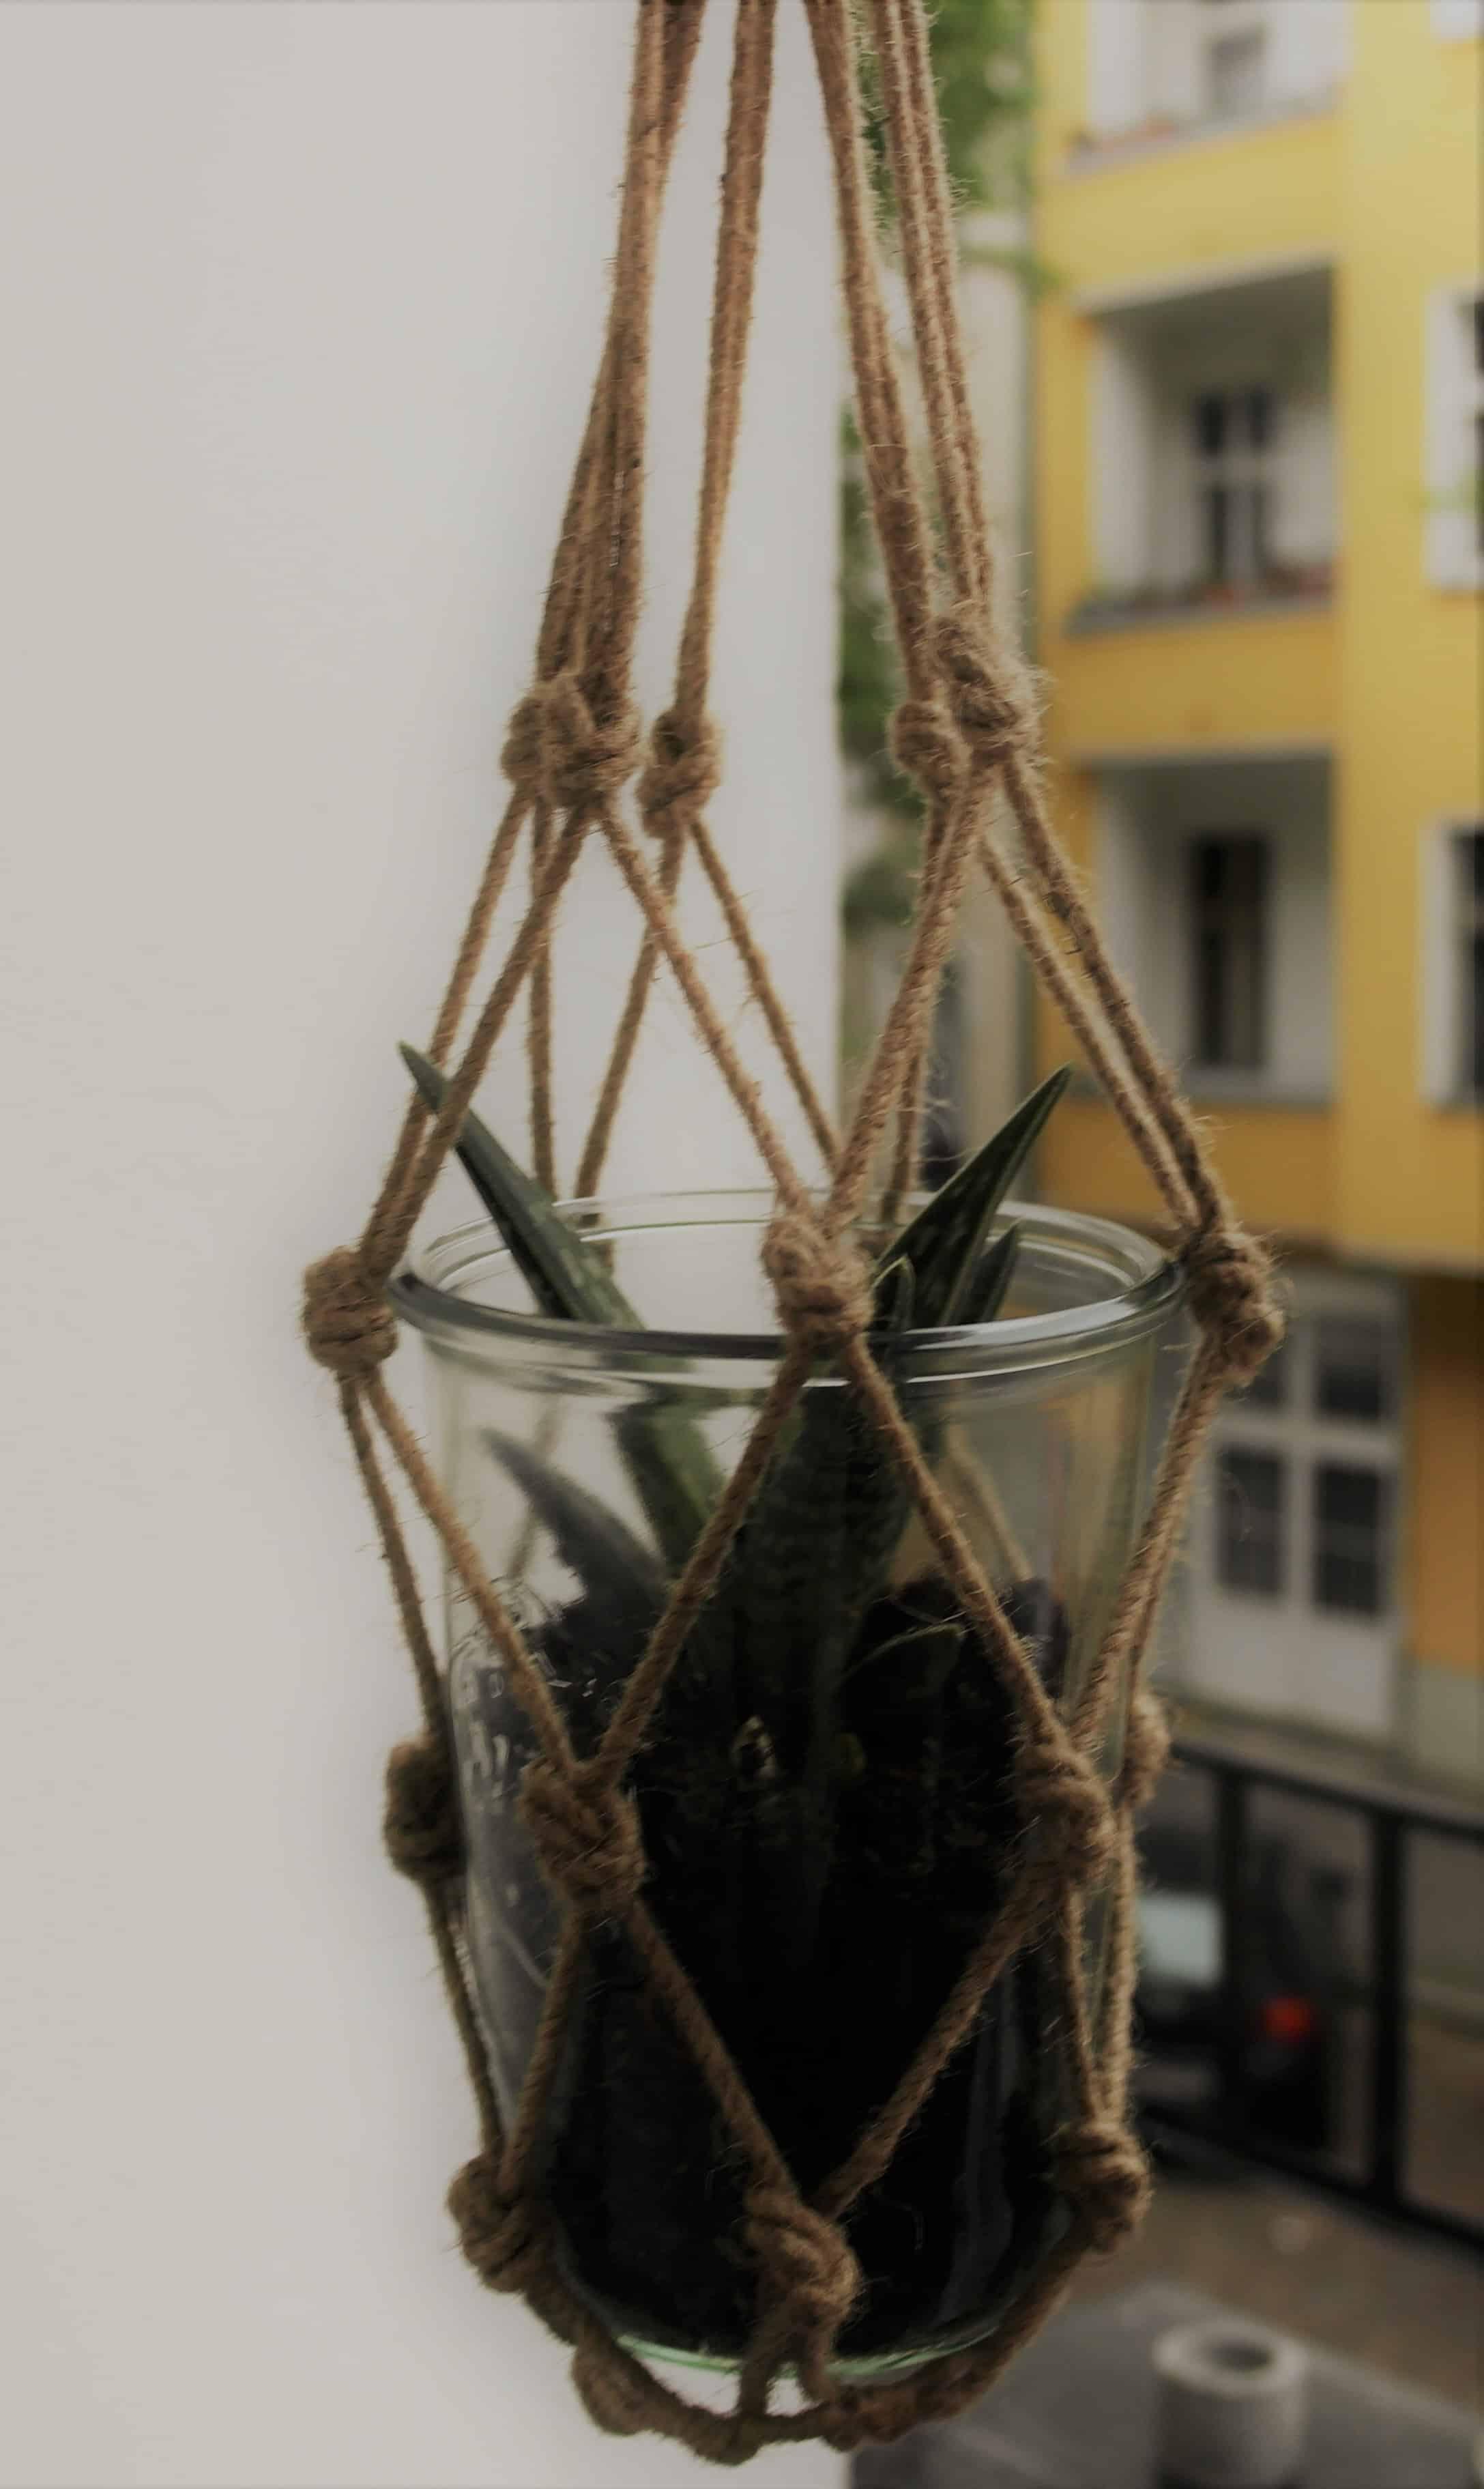 Blume mit Erde in Weckglas gepflanzt und in Blumenampel hängend